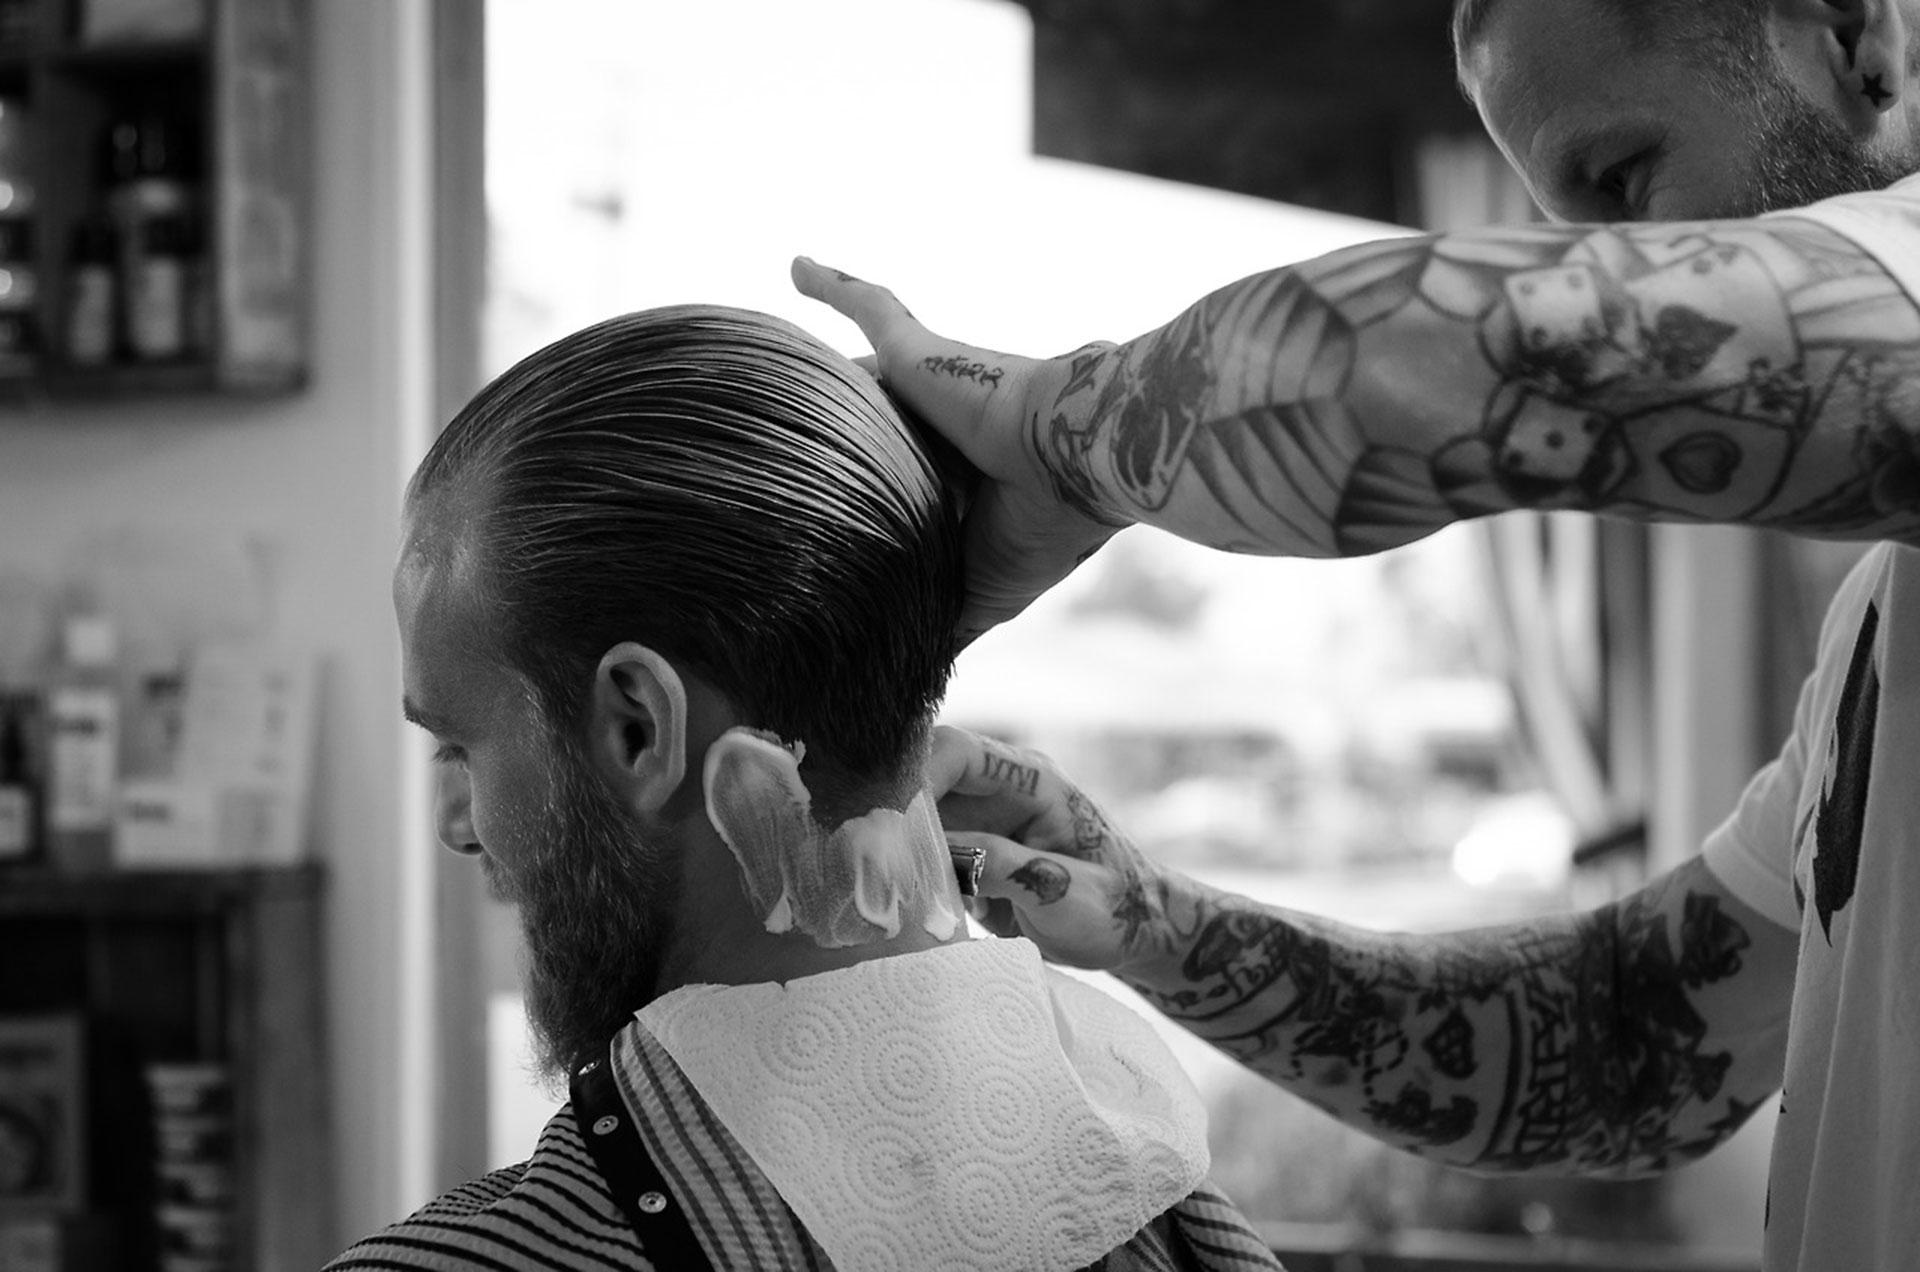 Caballería, el verdadero hot spot del grooming masculino de la ciudad (¡Te lo garantizo!)